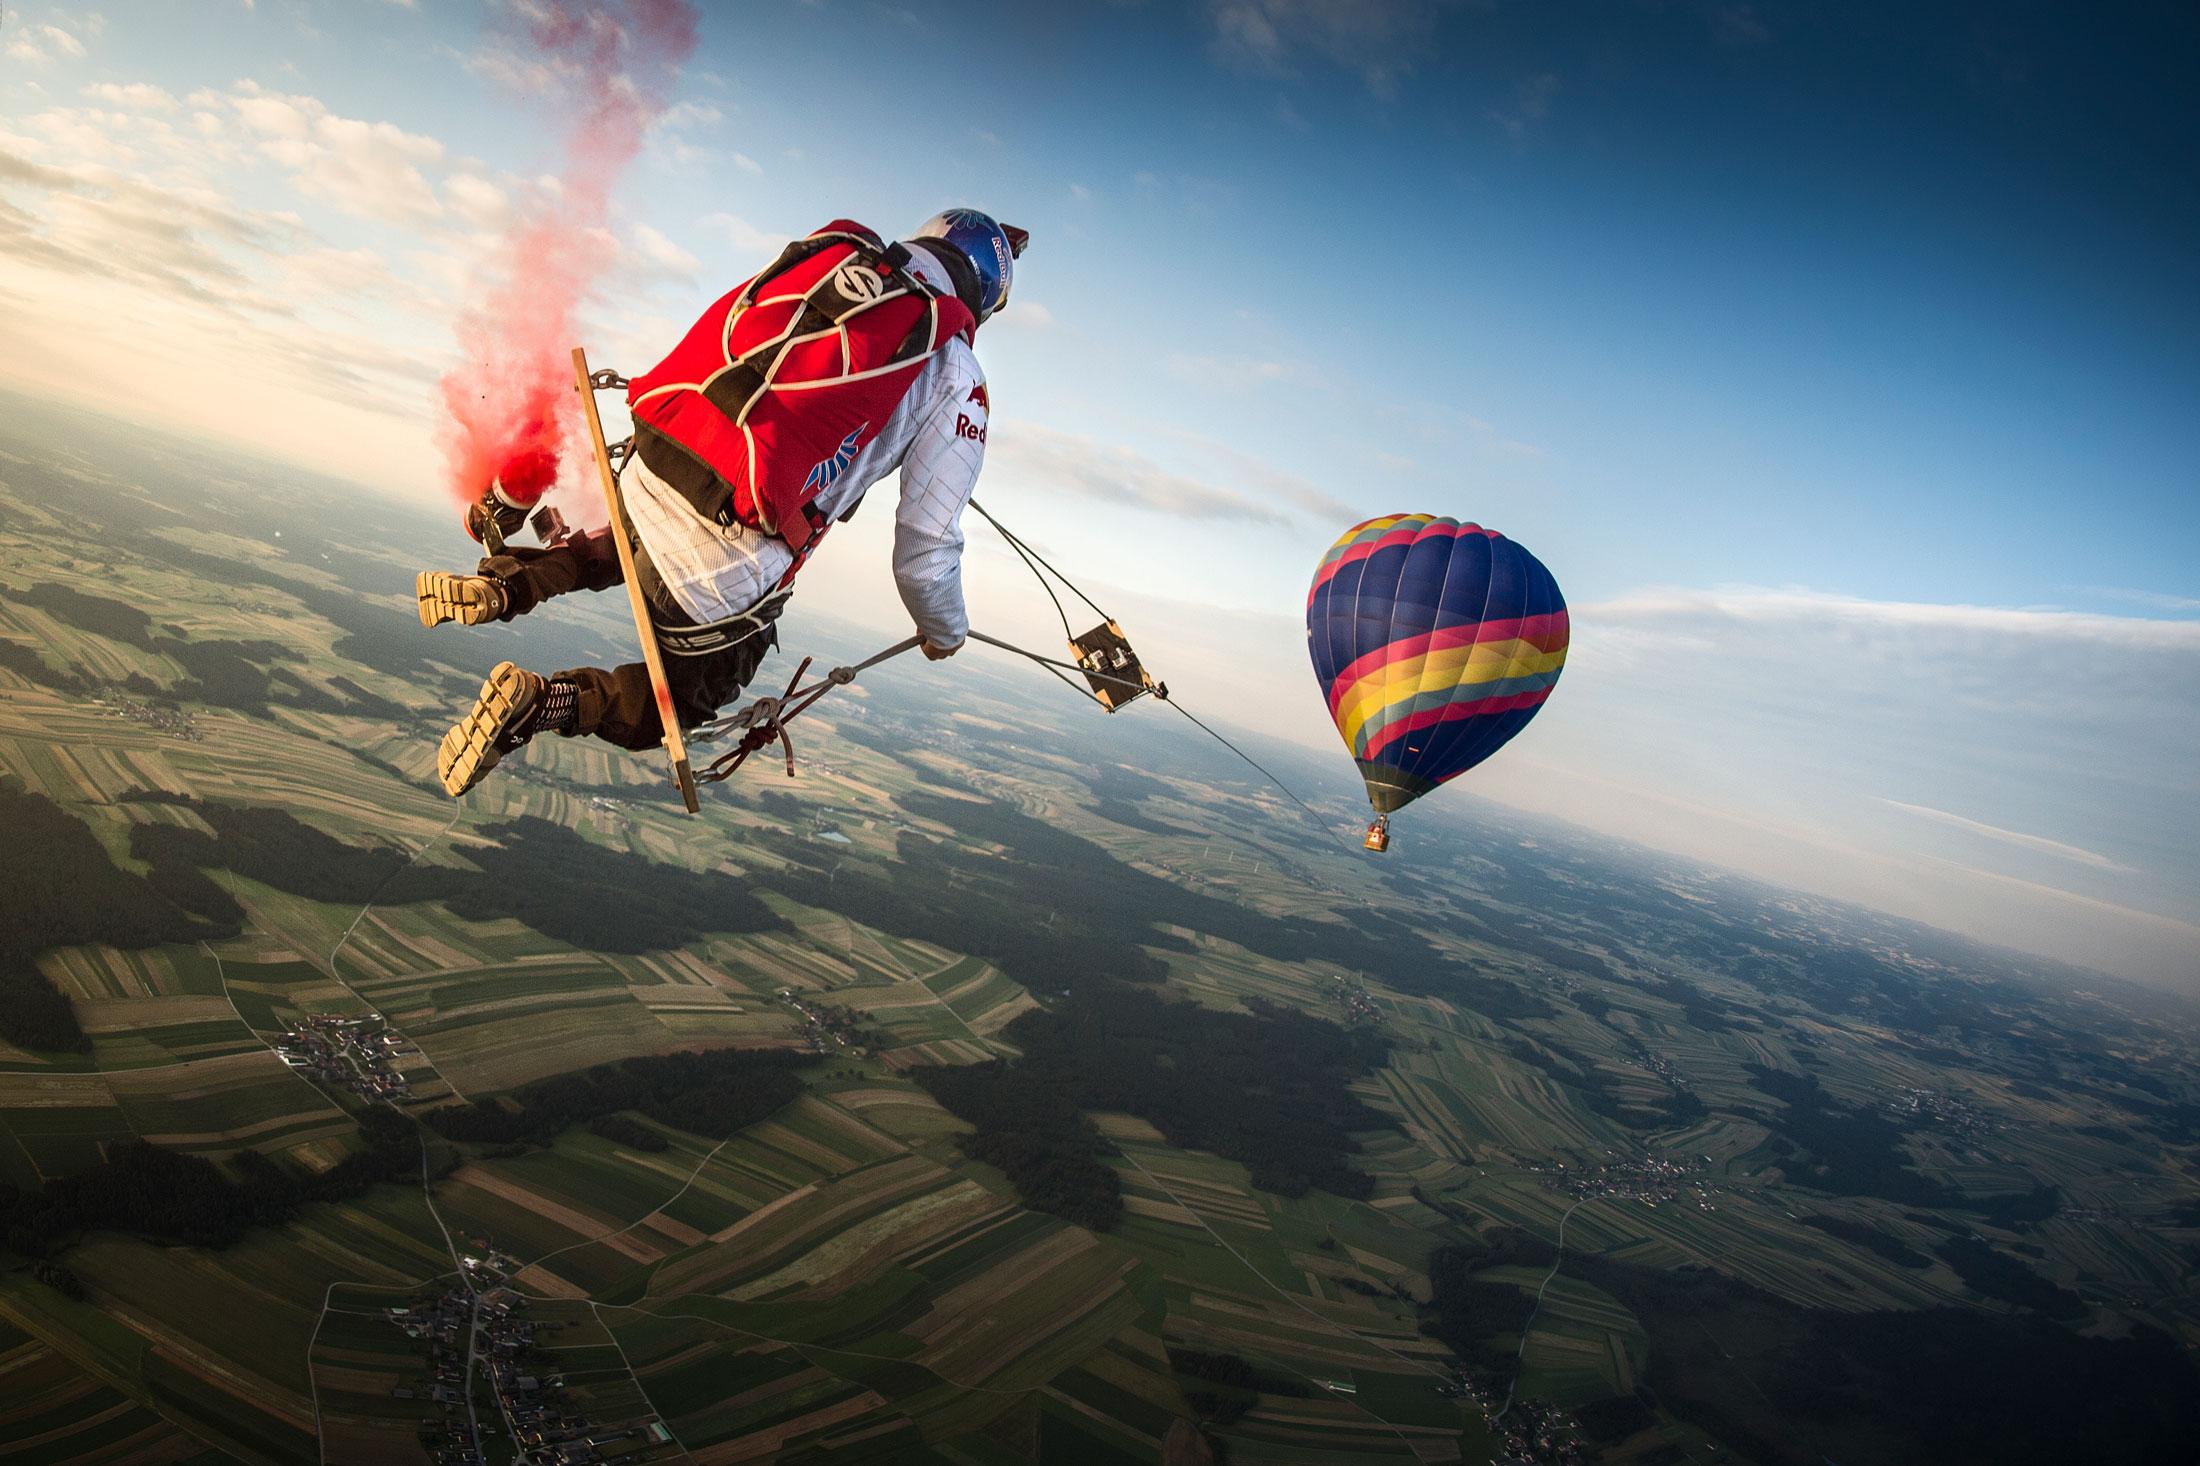 Red Bull Skydive >> Red Bull Skydive Team Adi Sumic